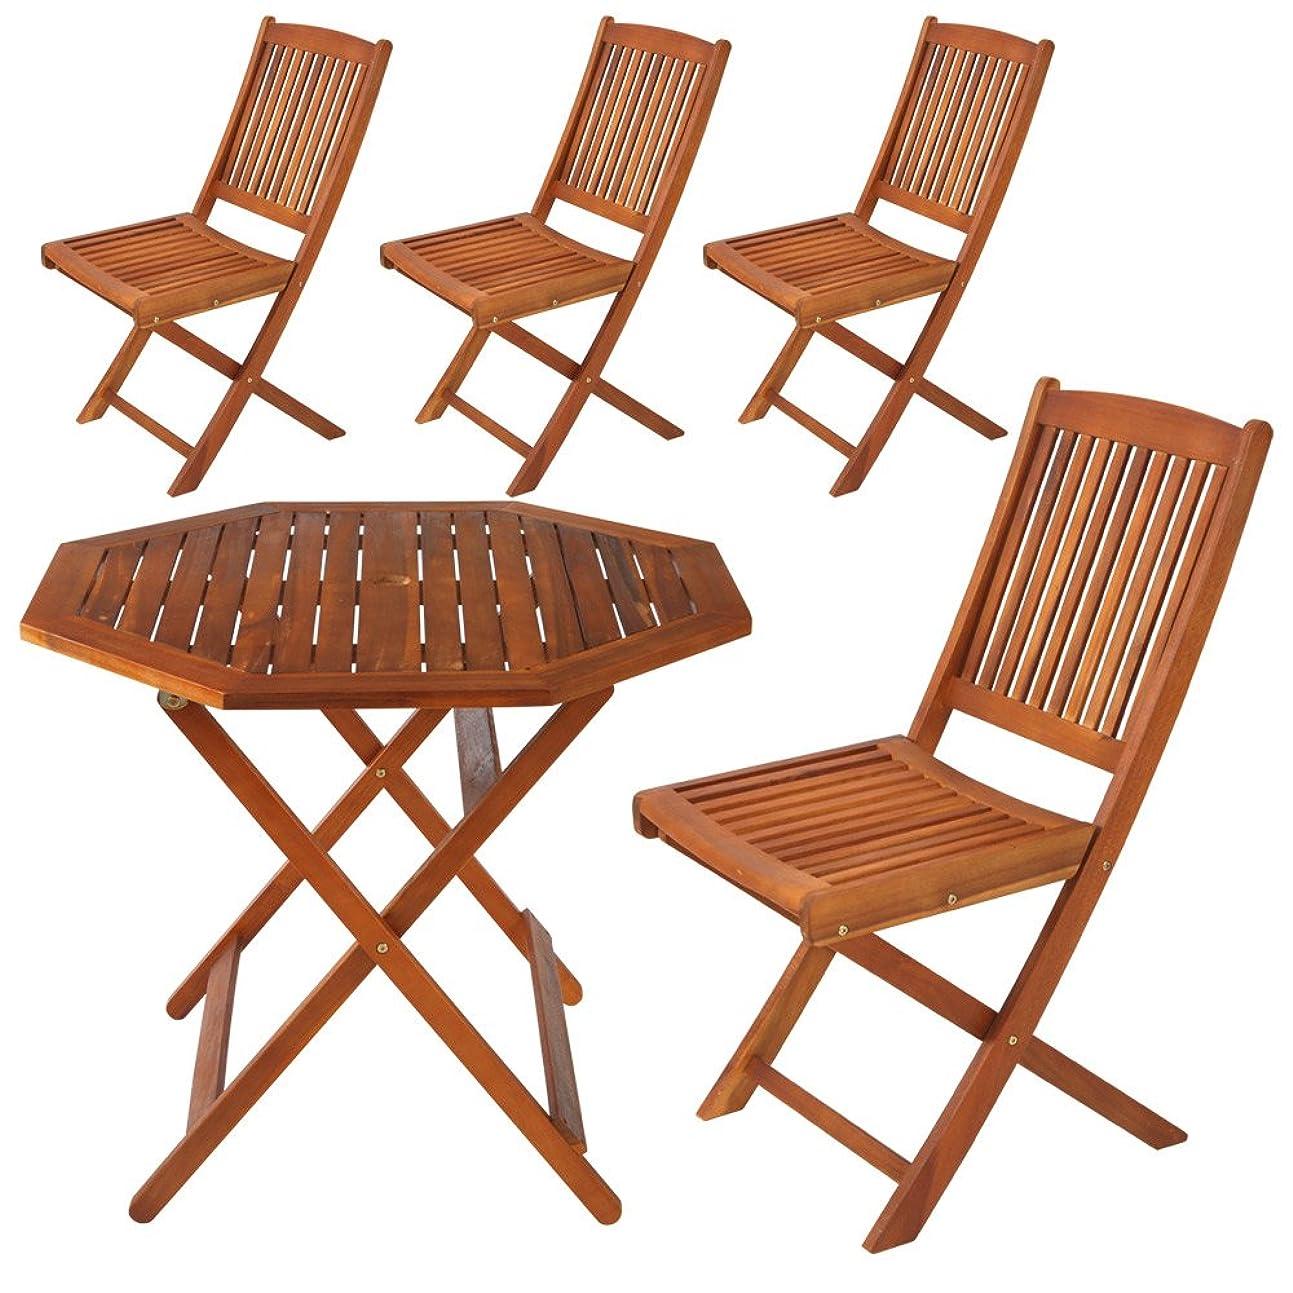 どのくらいの頻度で無数の実行ぼん家具 ガーデンテーブルセット テーブル&チェア4脚 木製 折りたたみ 屋外 ガーデン 庭 4人用 おしゃれ